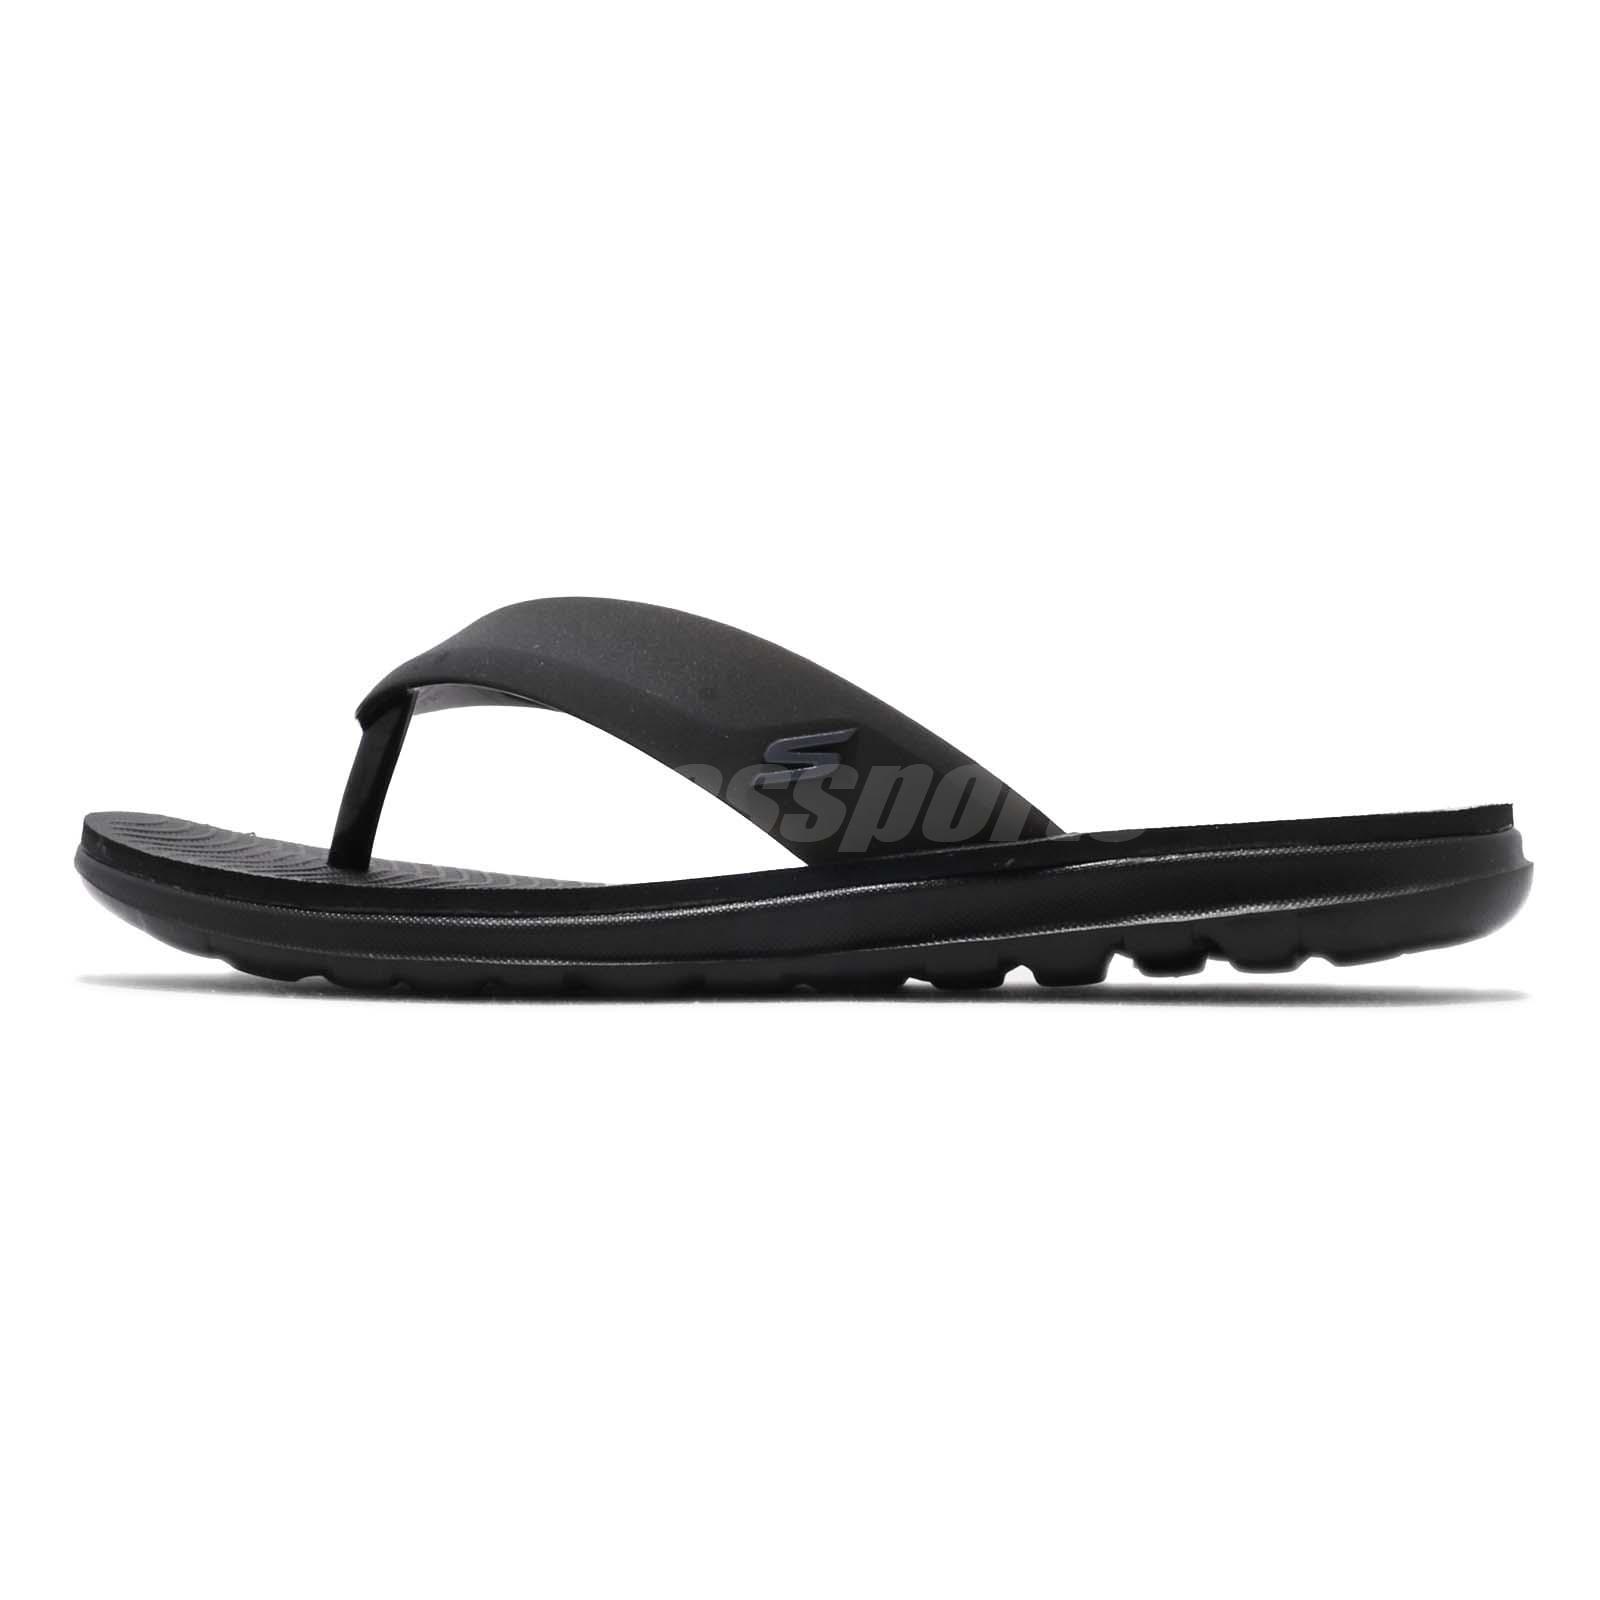 Black Womens Slippers Slide 16226